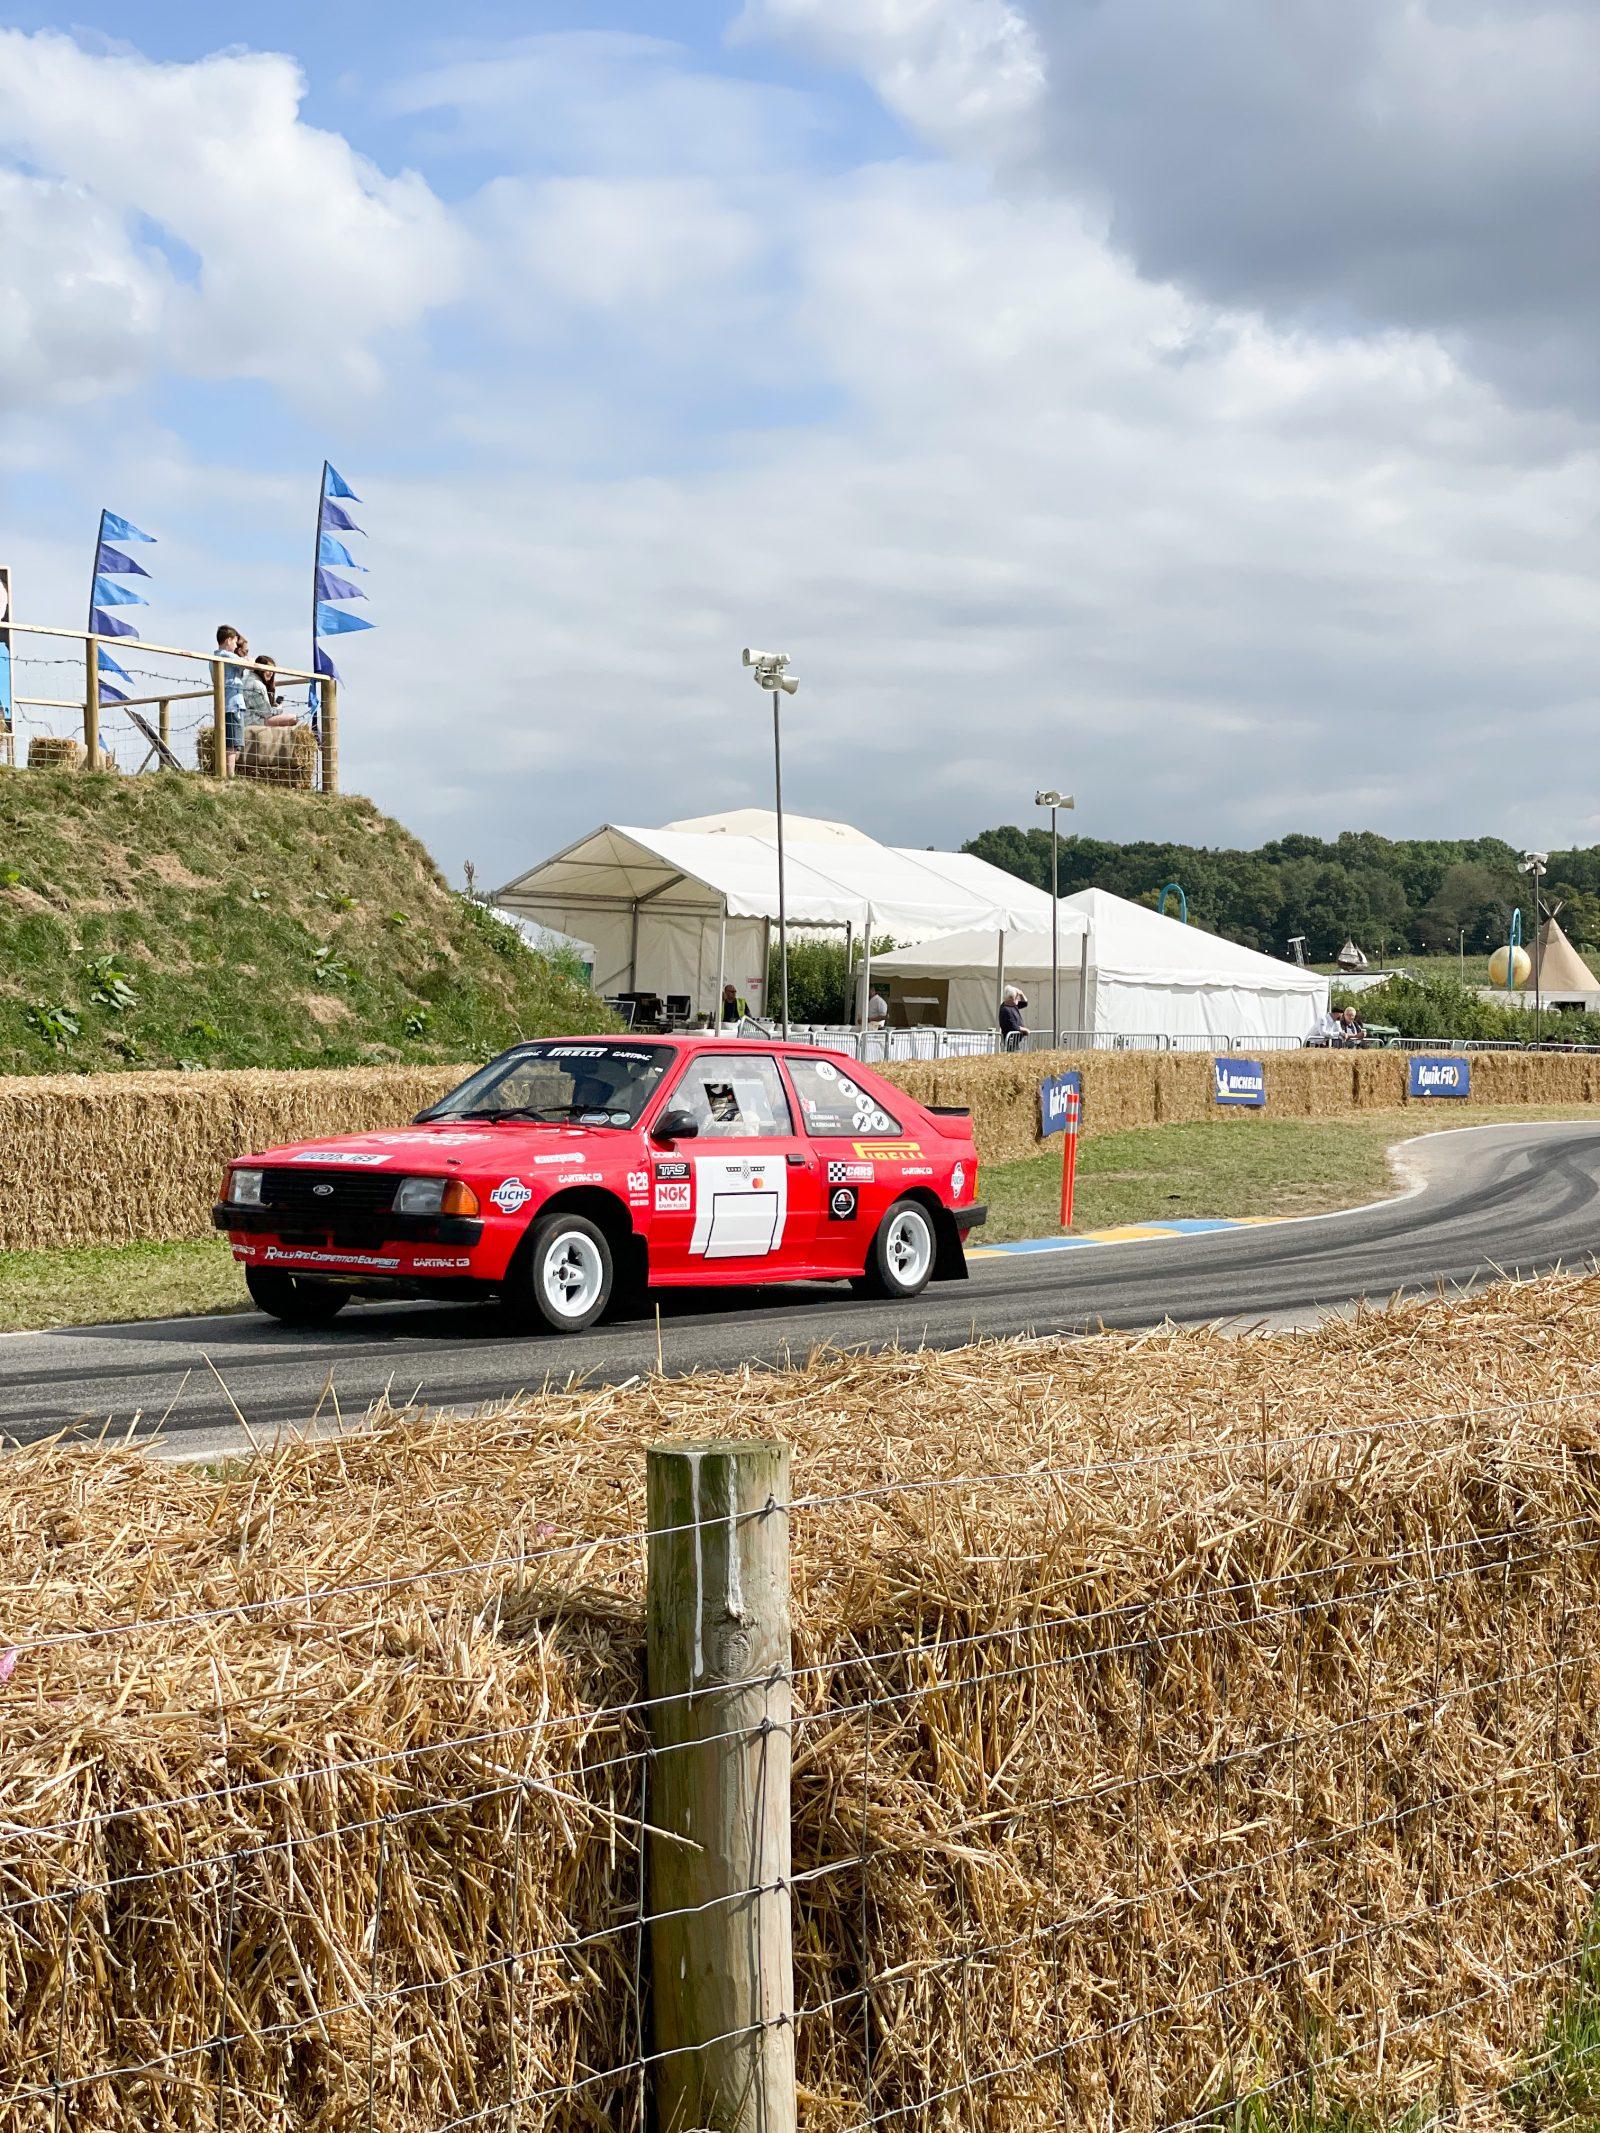 Drift Car at Carfest South